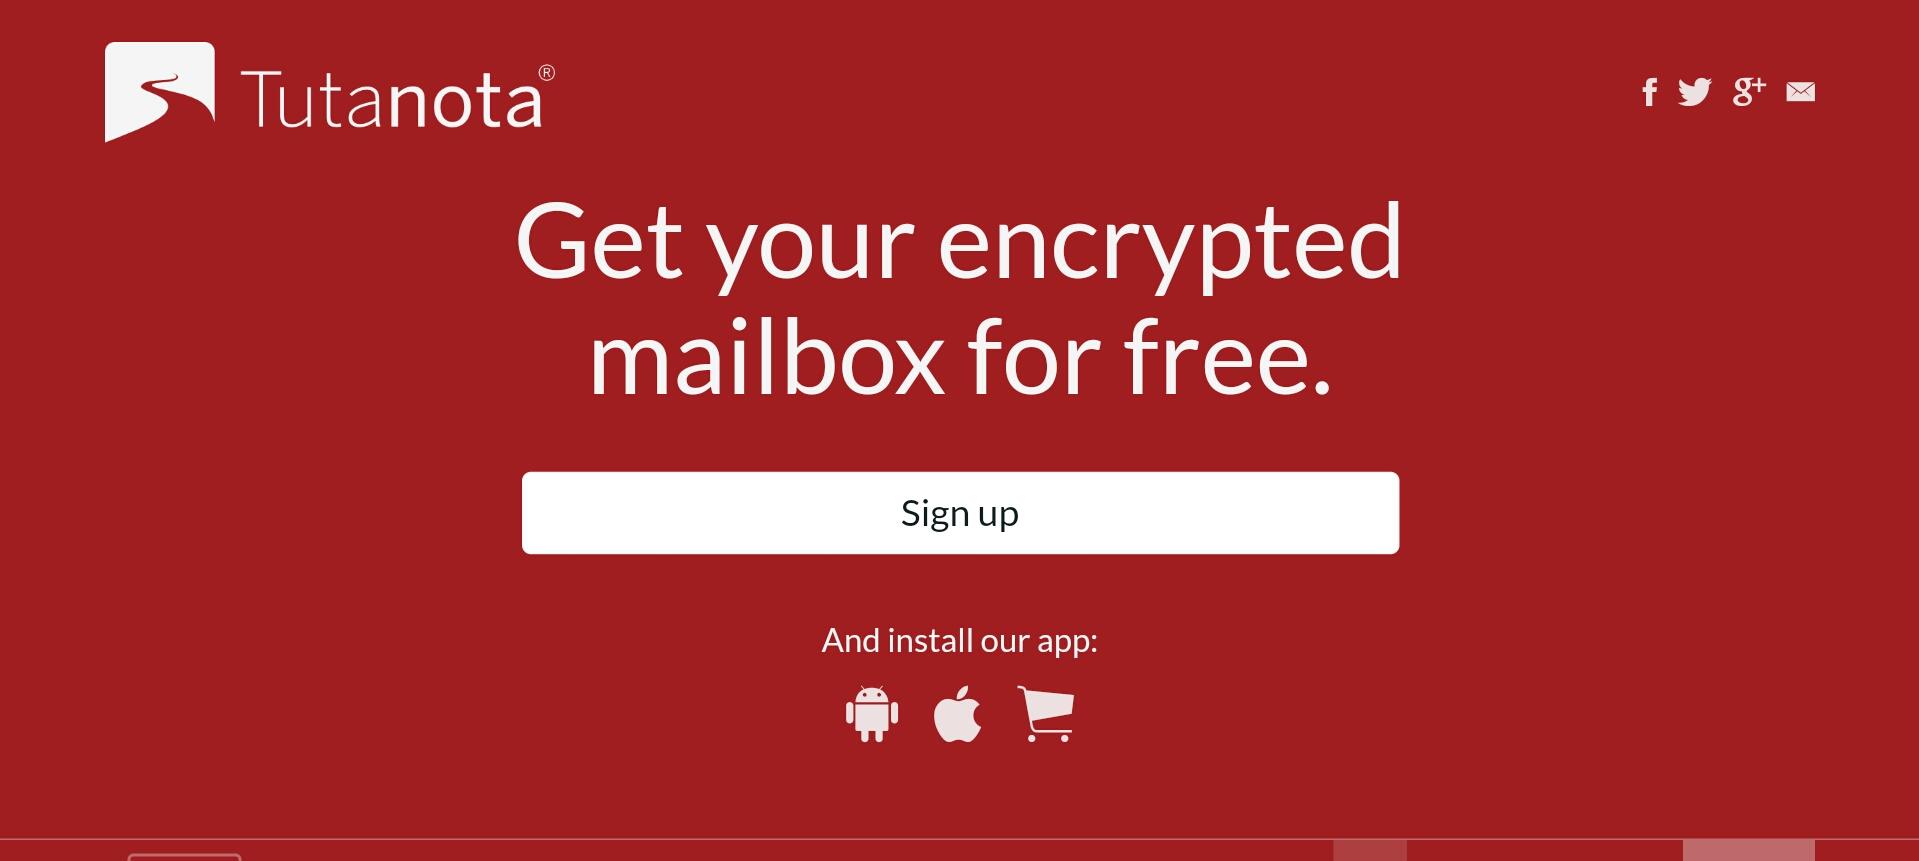 Tutanota – Start Using Free Encrypted Email